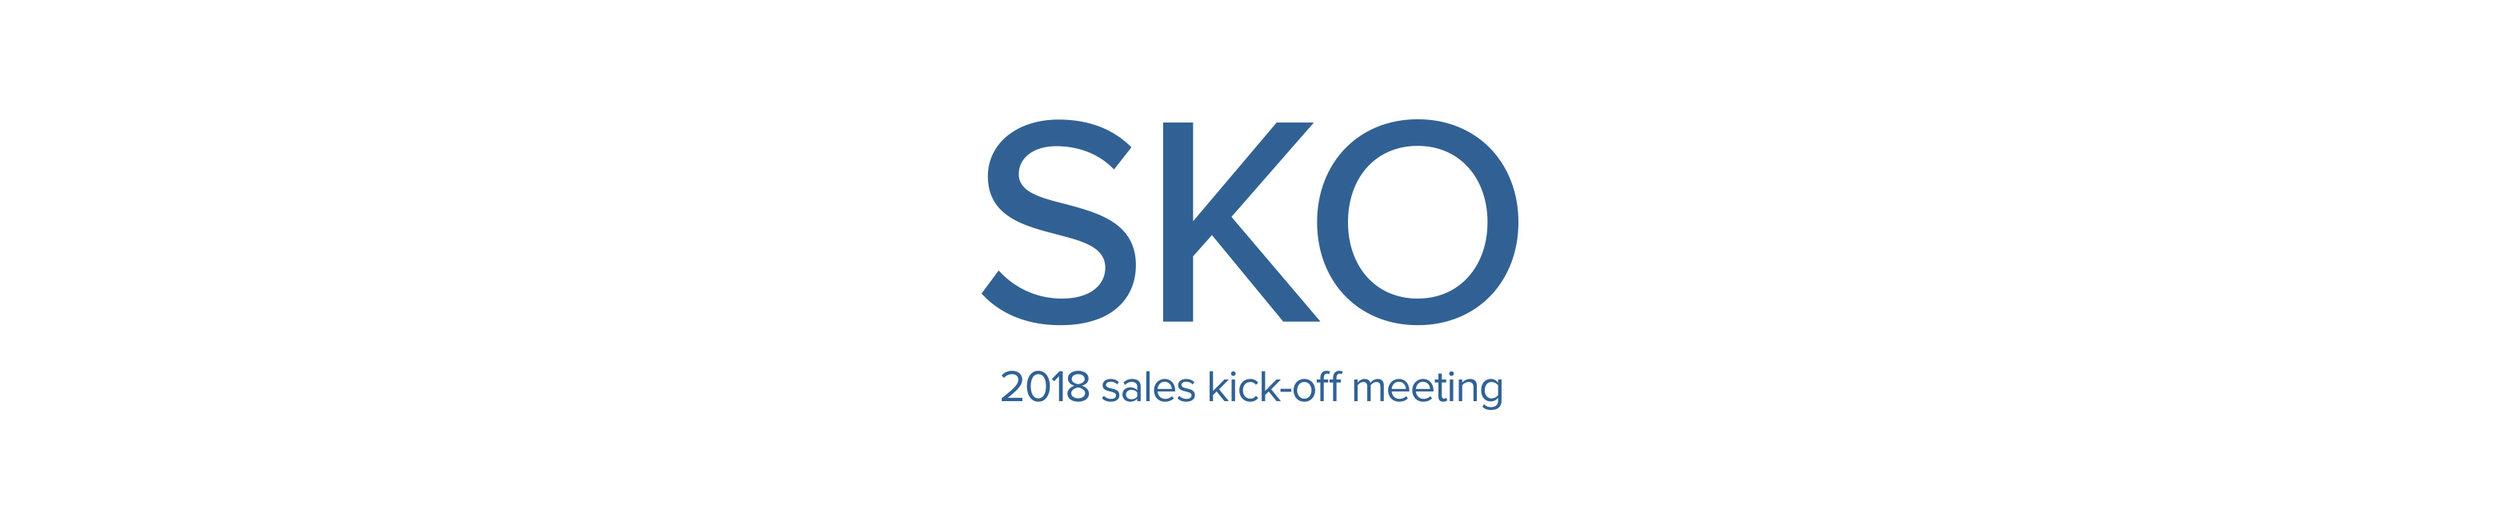 Logo_SKO_2018_web.jpg